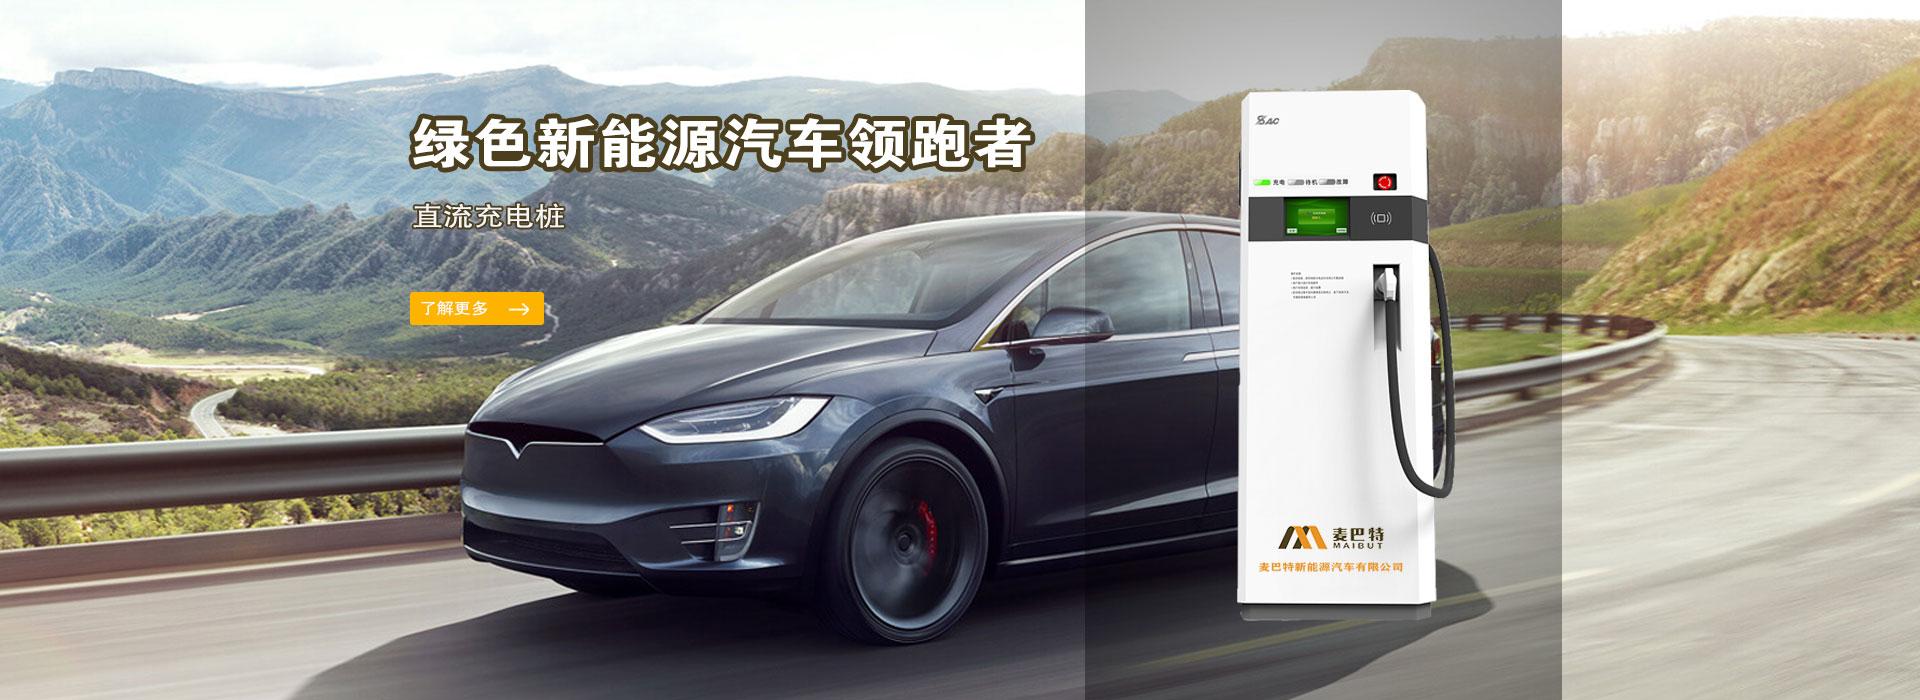 山东麦巴特新能源汽车有限公司